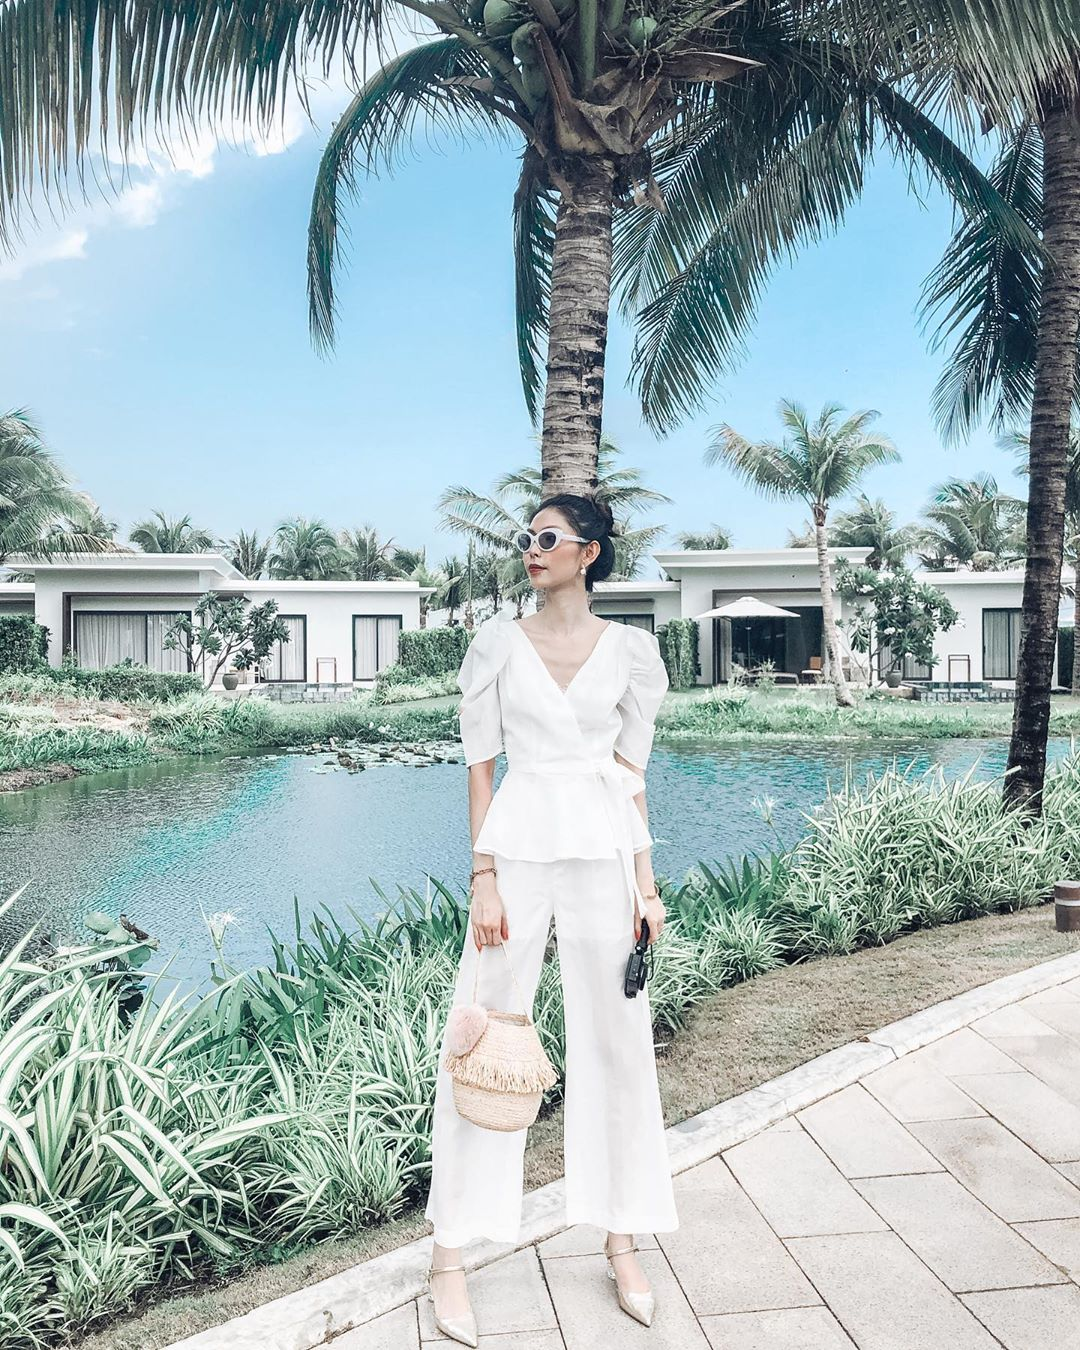 Thời trang cung cự giải - Thùy Dương mặc trang phục trắng